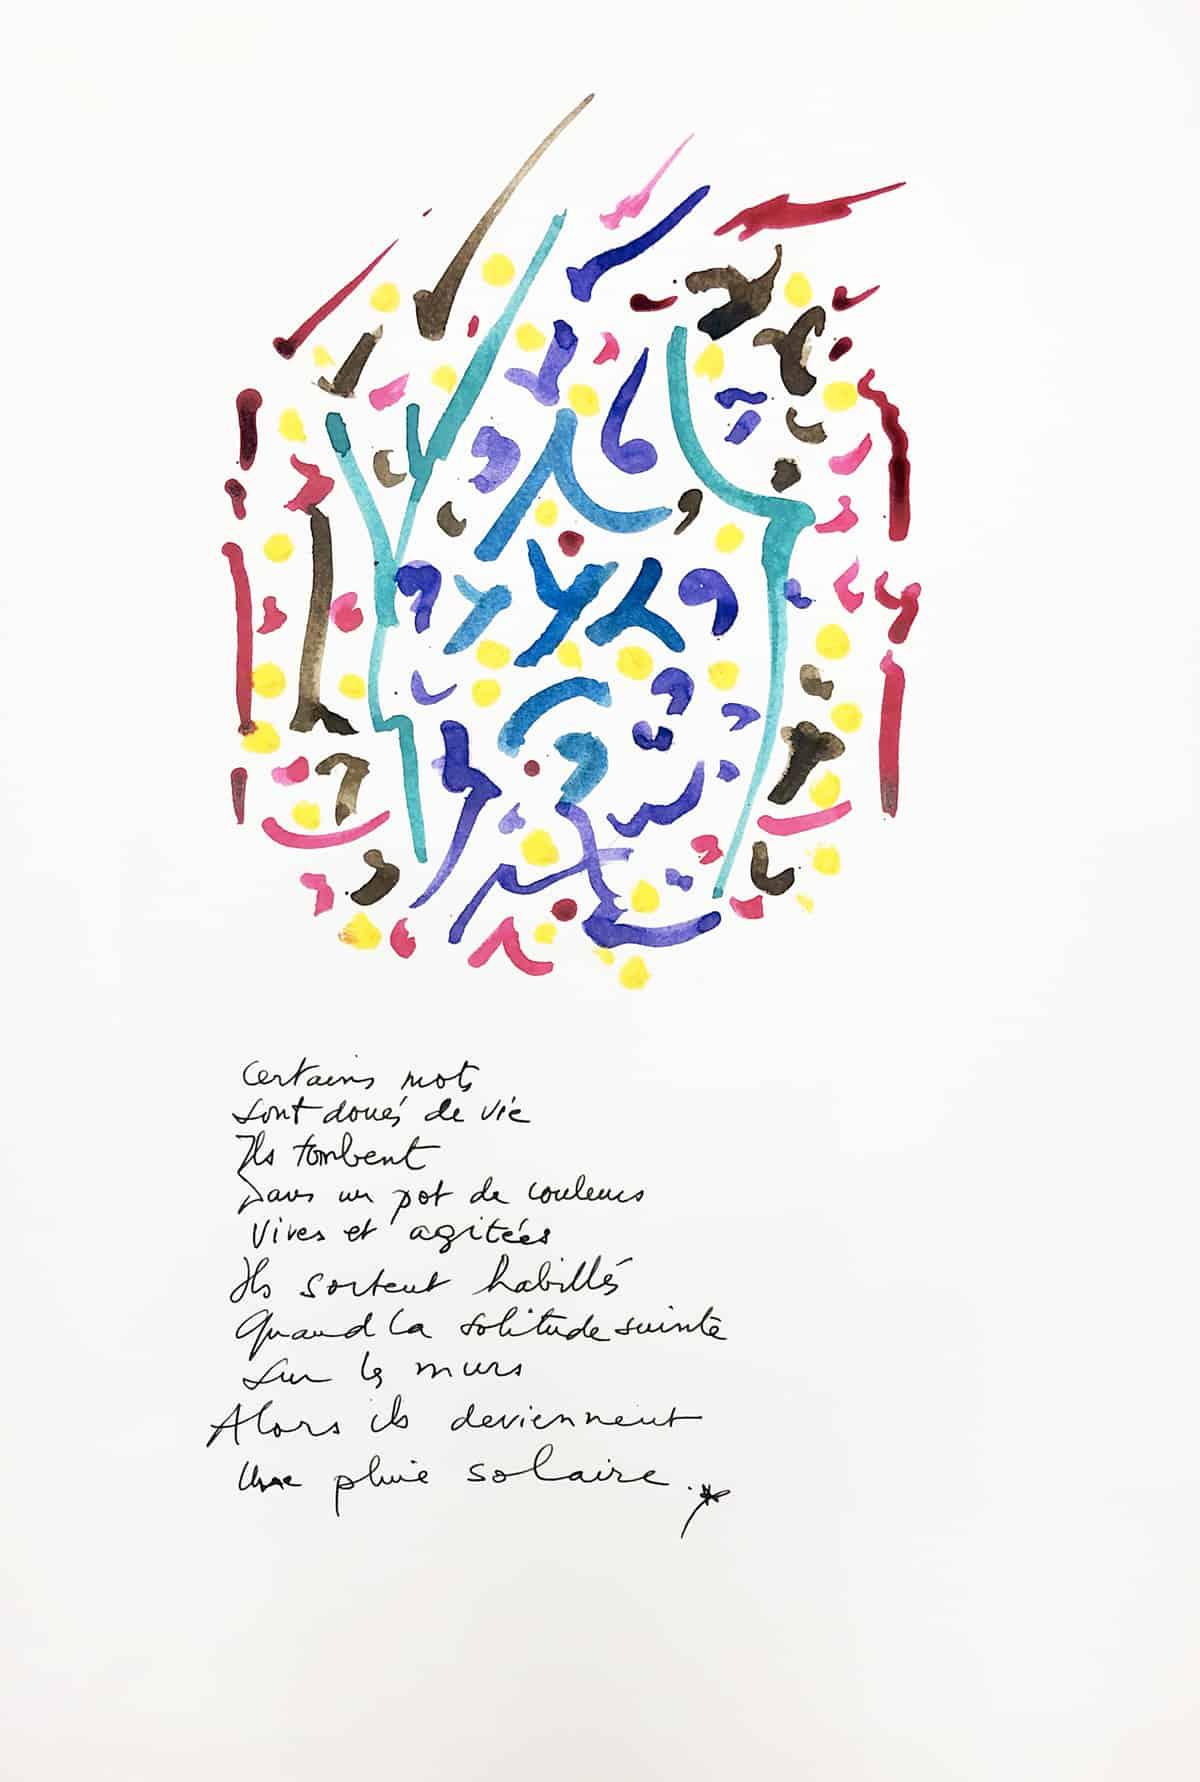 Certains mots sont doués de vie, 2019 Dessin à l'encre, 35,5 x 50 cm ©Tahar Ben Jelloun